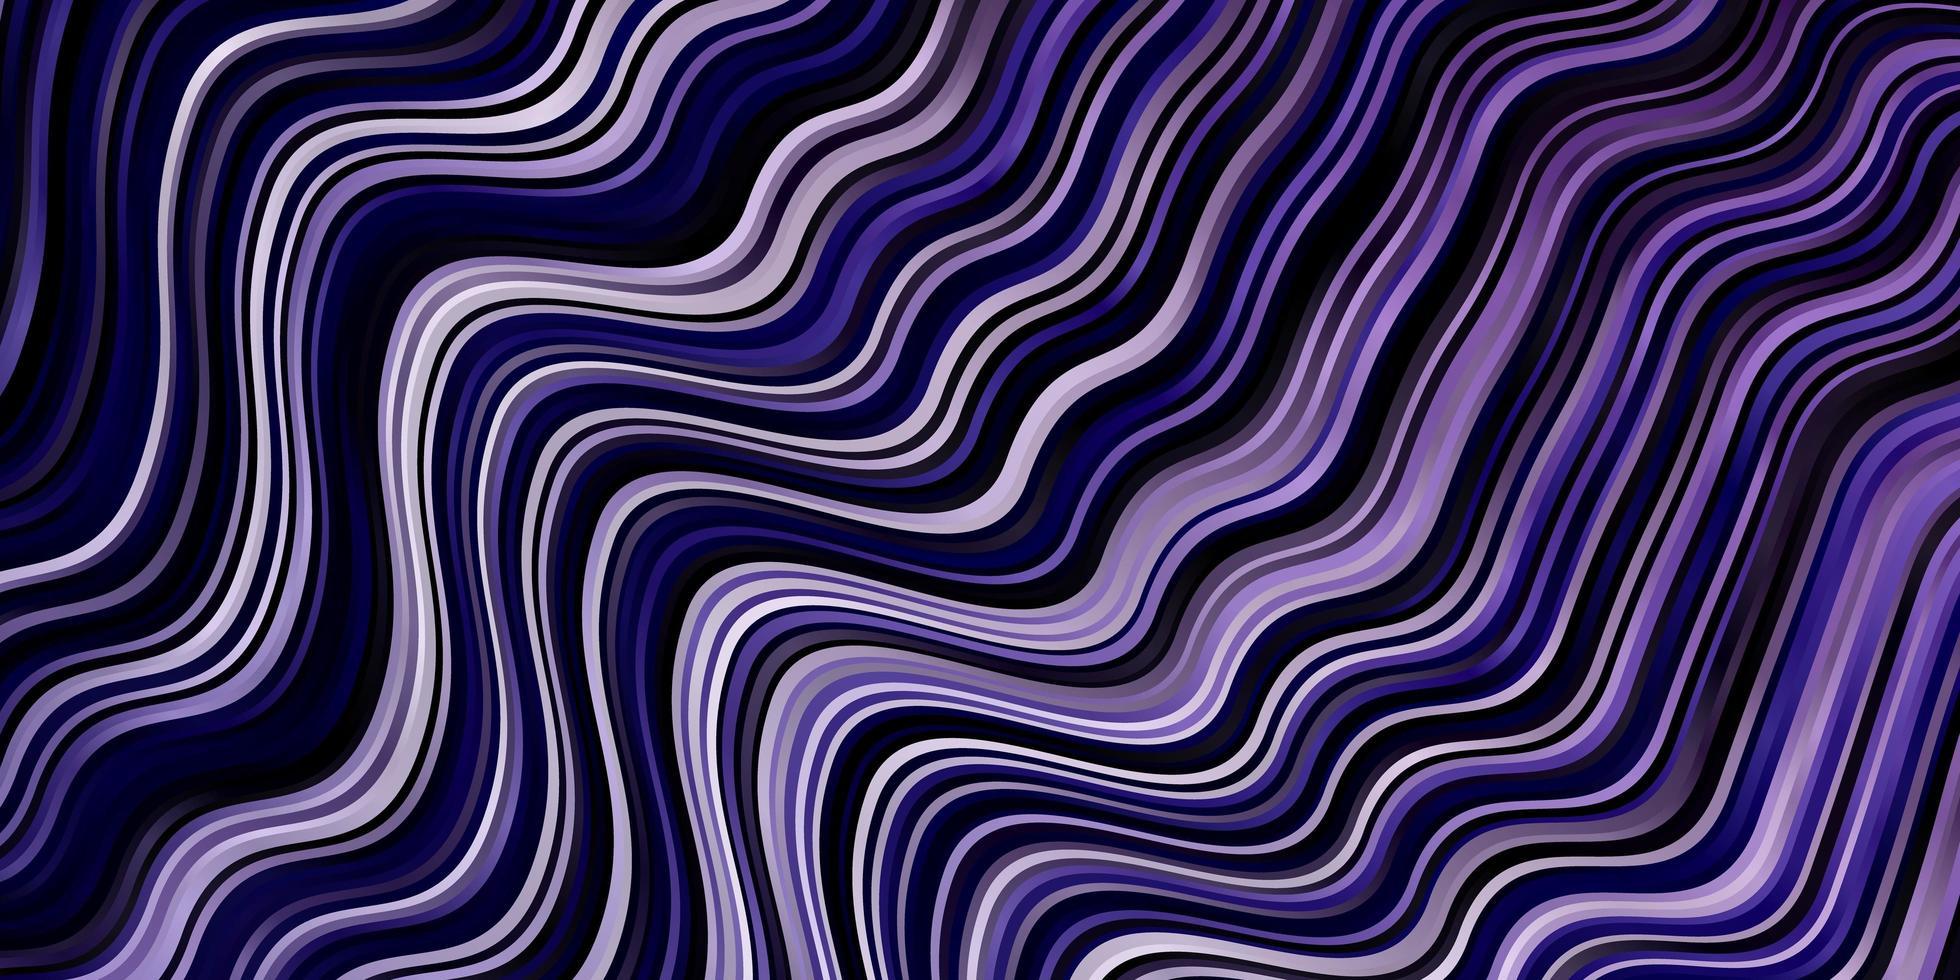 ljuslila vektorbakgrund med sneda linjer. vektor